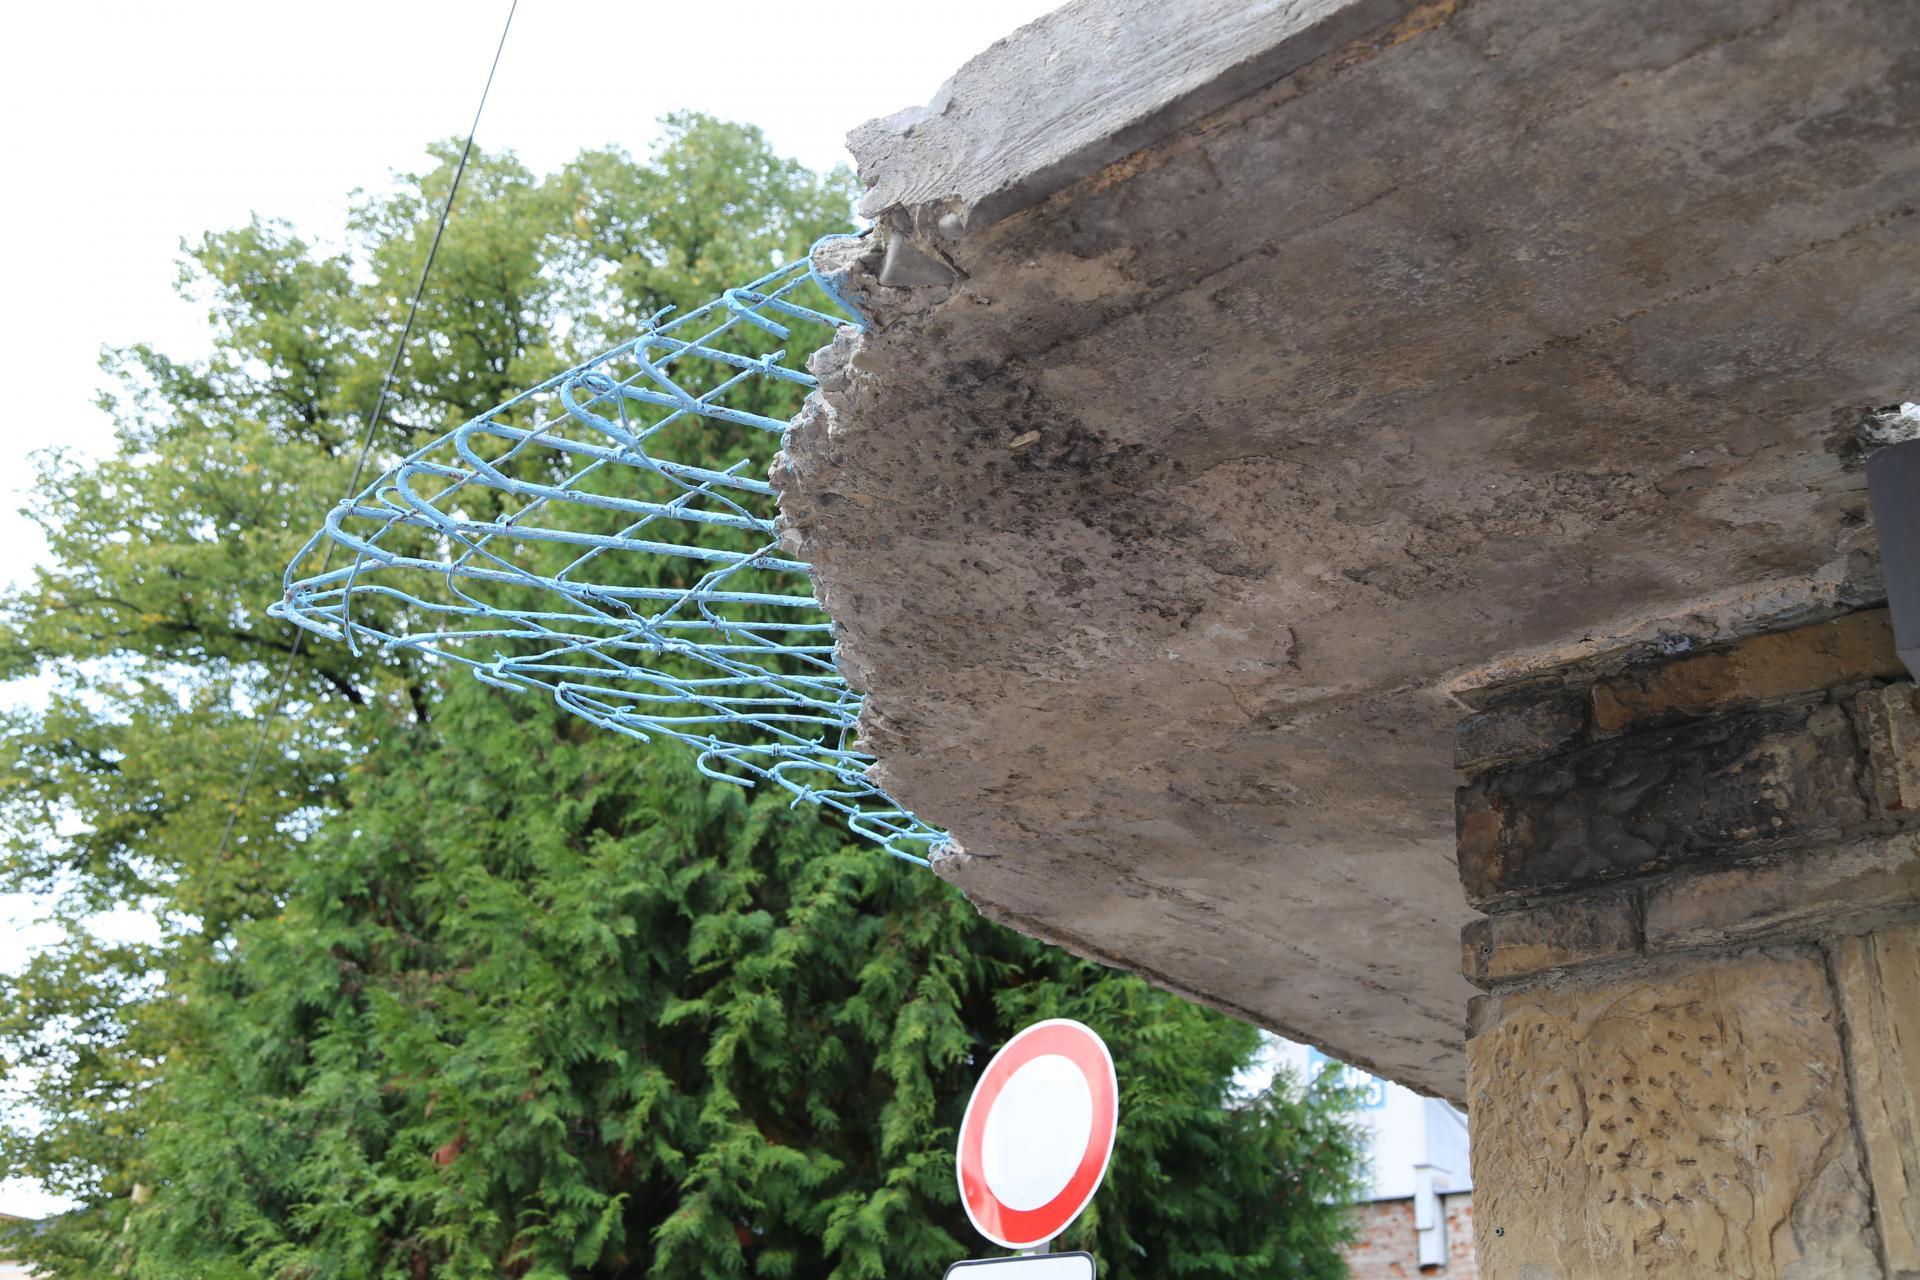 Synagóga v Žiline, detail poškodenia betonových markýz